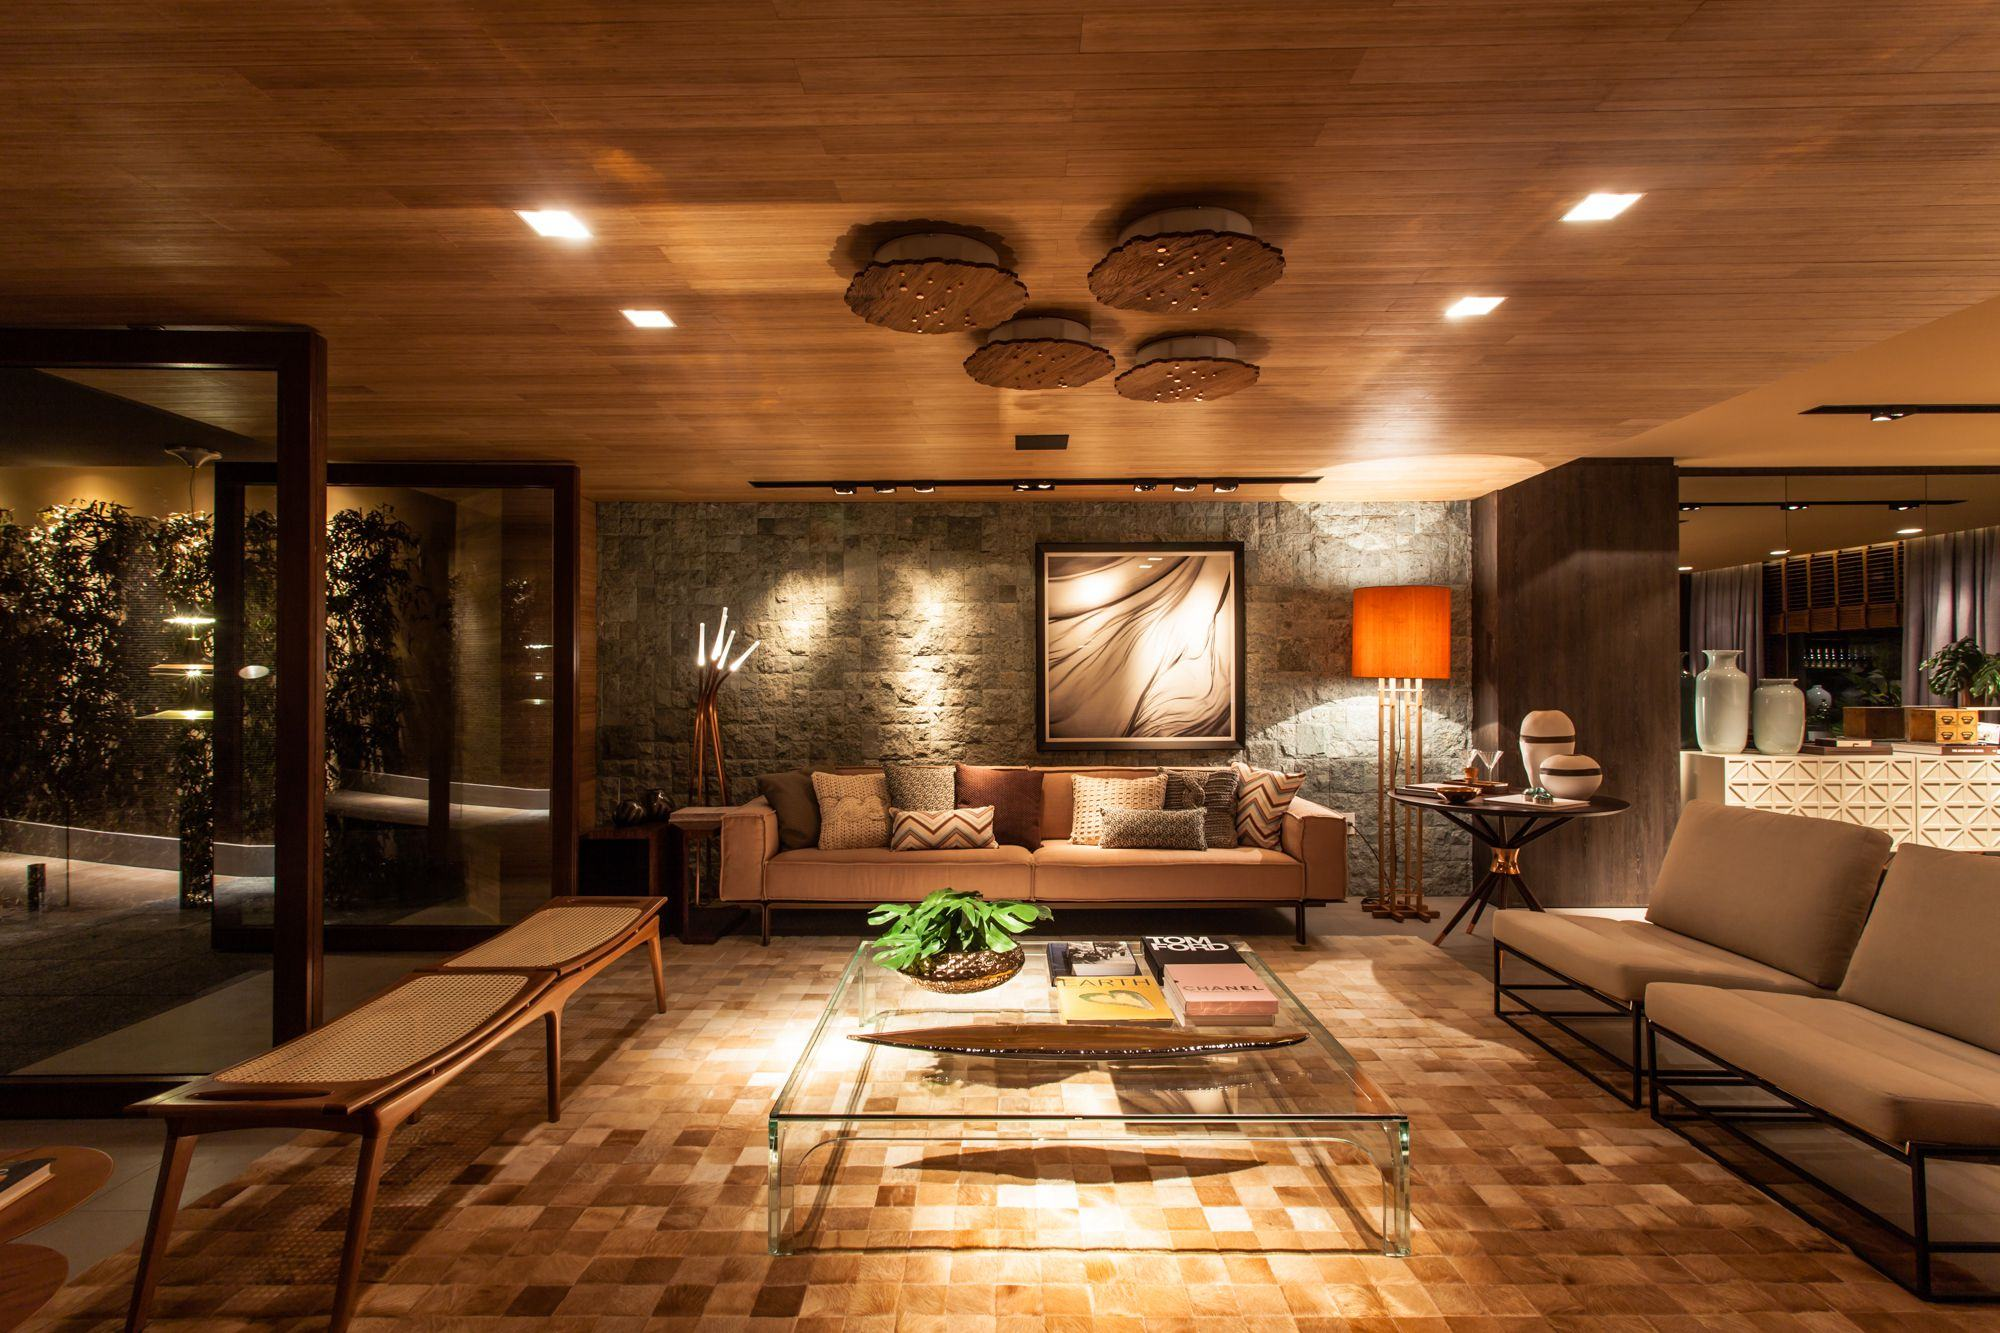 Salas De Luxo 60 Ideias E Fotos Inspiradoras  -> Acabamento De Sala E Cozinha